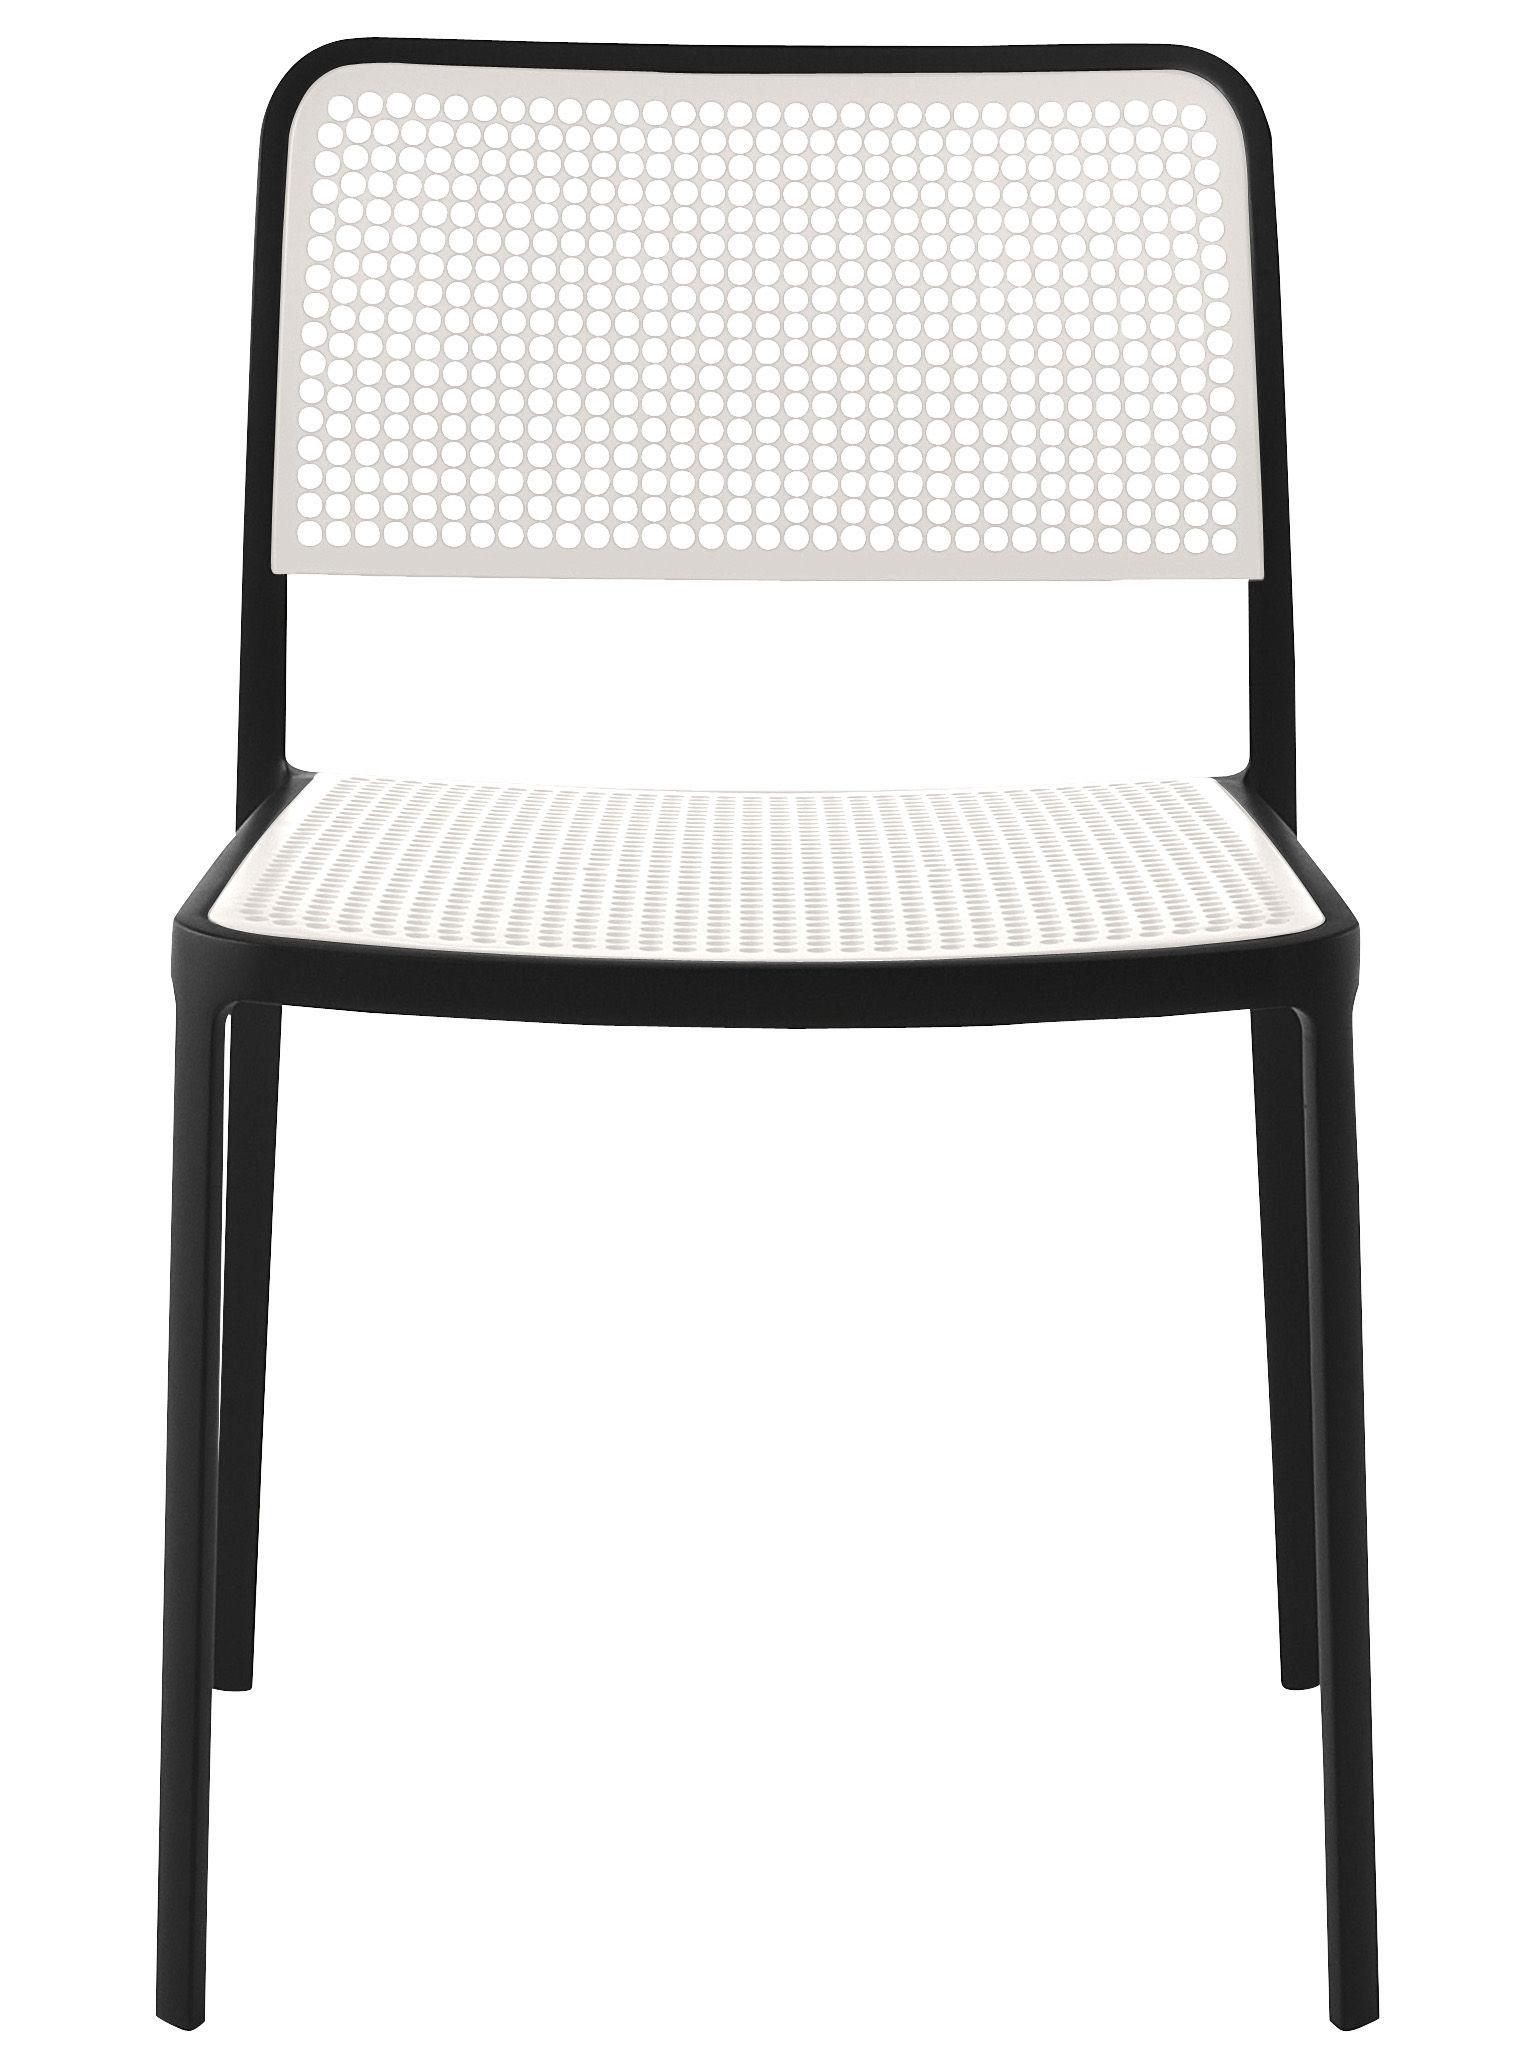 Mobilier - Chaises, fauteuils de salle à manger - Chaise empilable Audrey - Kartell - Structure noire / Assise et dossier blancs - Aluminium laqué, Polypropylène